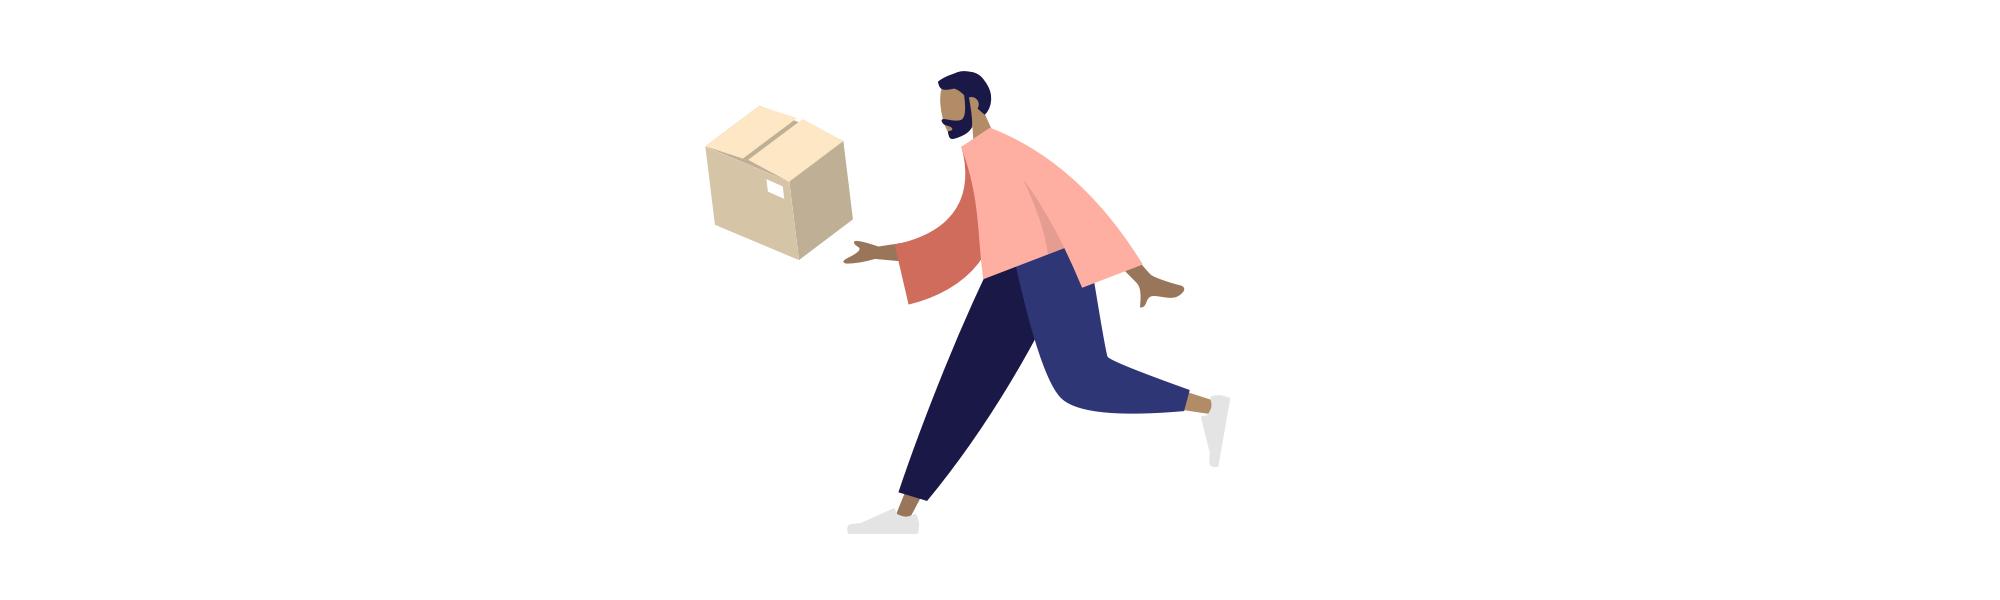 Livreur Masteos portant un carton de déménagement